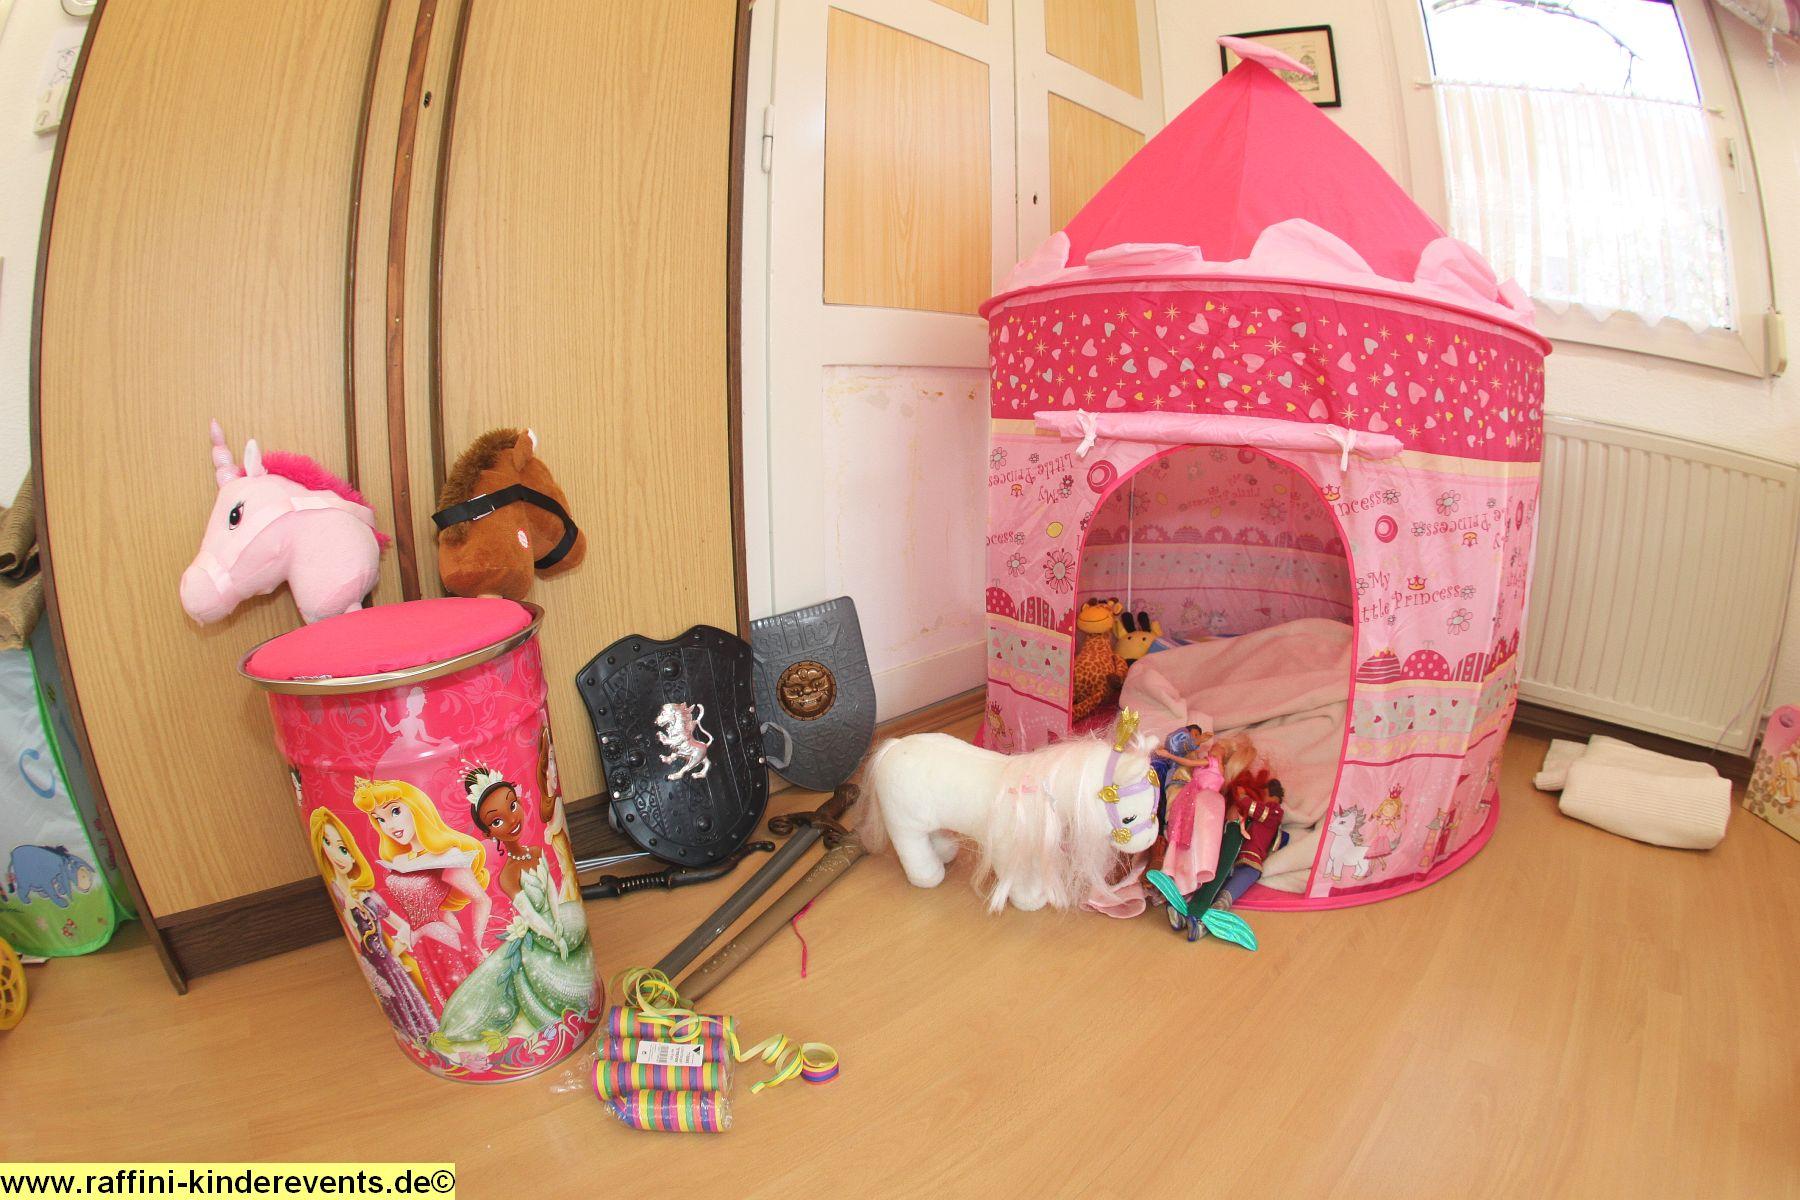 dekoration kindergeburtstag prinzessin ritter party 4 raffini kinderevents. Black Bedroom Furniture Sets. Home Design Ideas